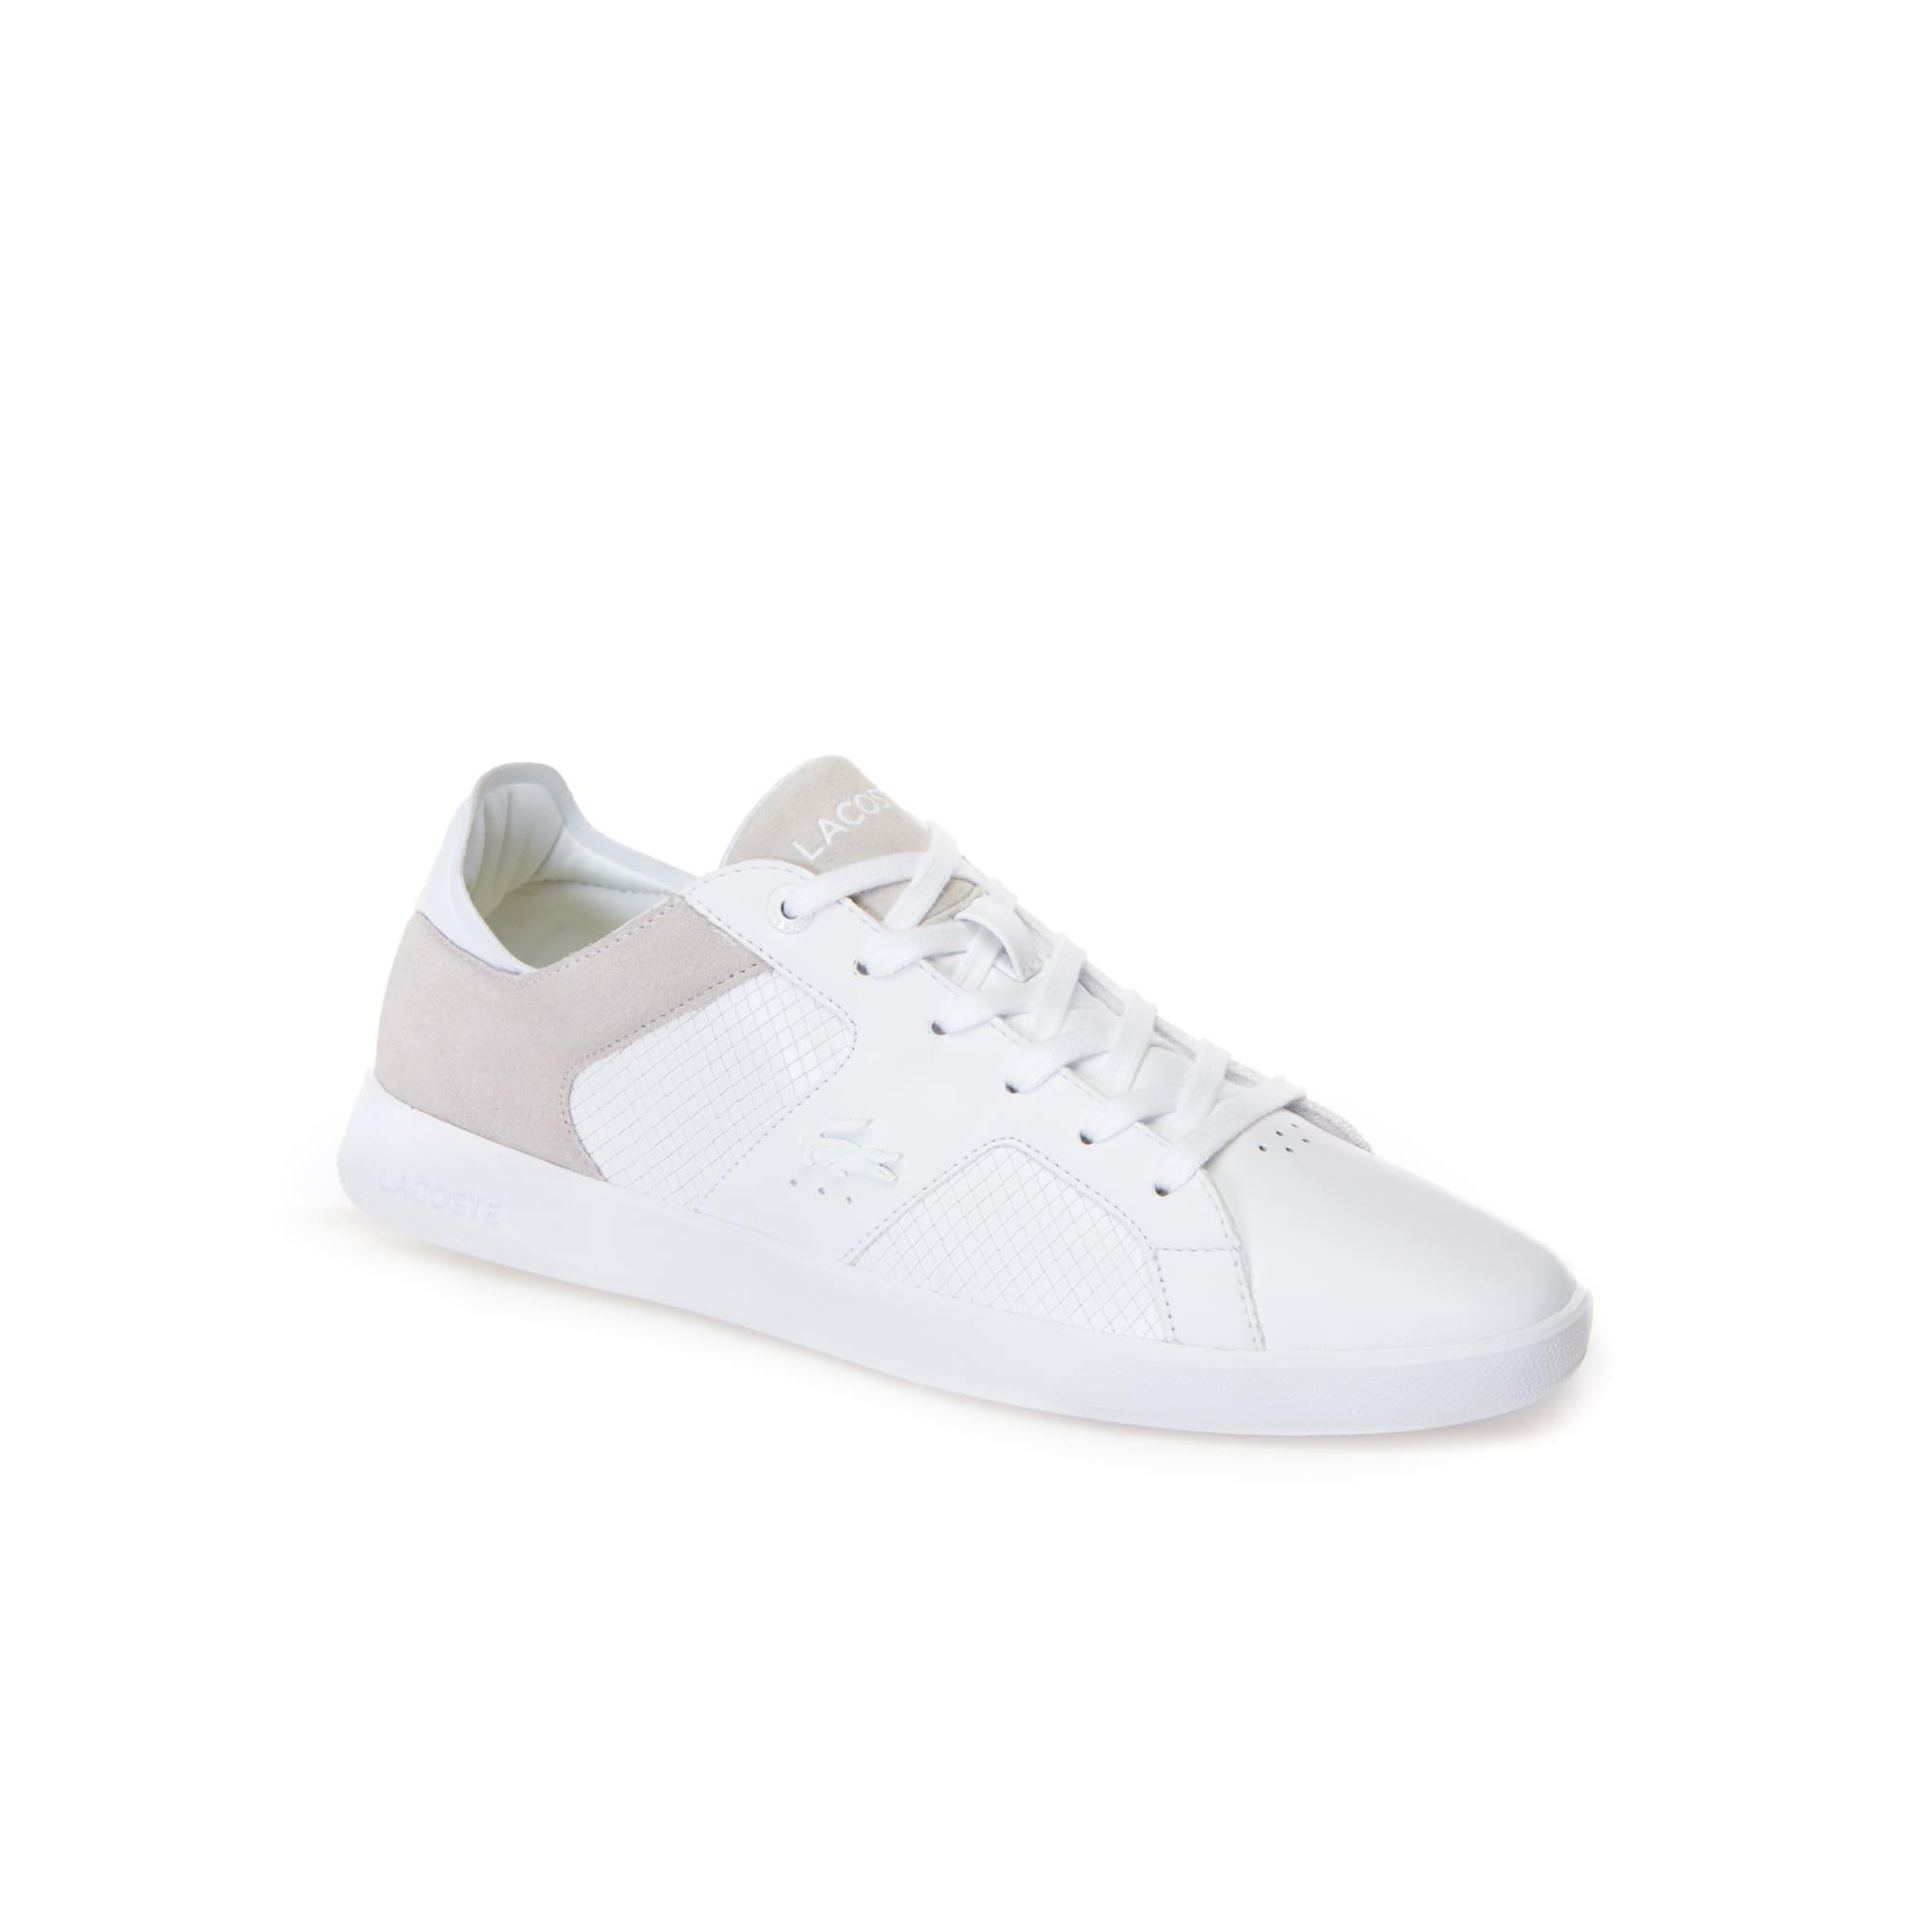 45e4c80a6 Coleção de Tênis | Calçados Masculinos | LACOSTE